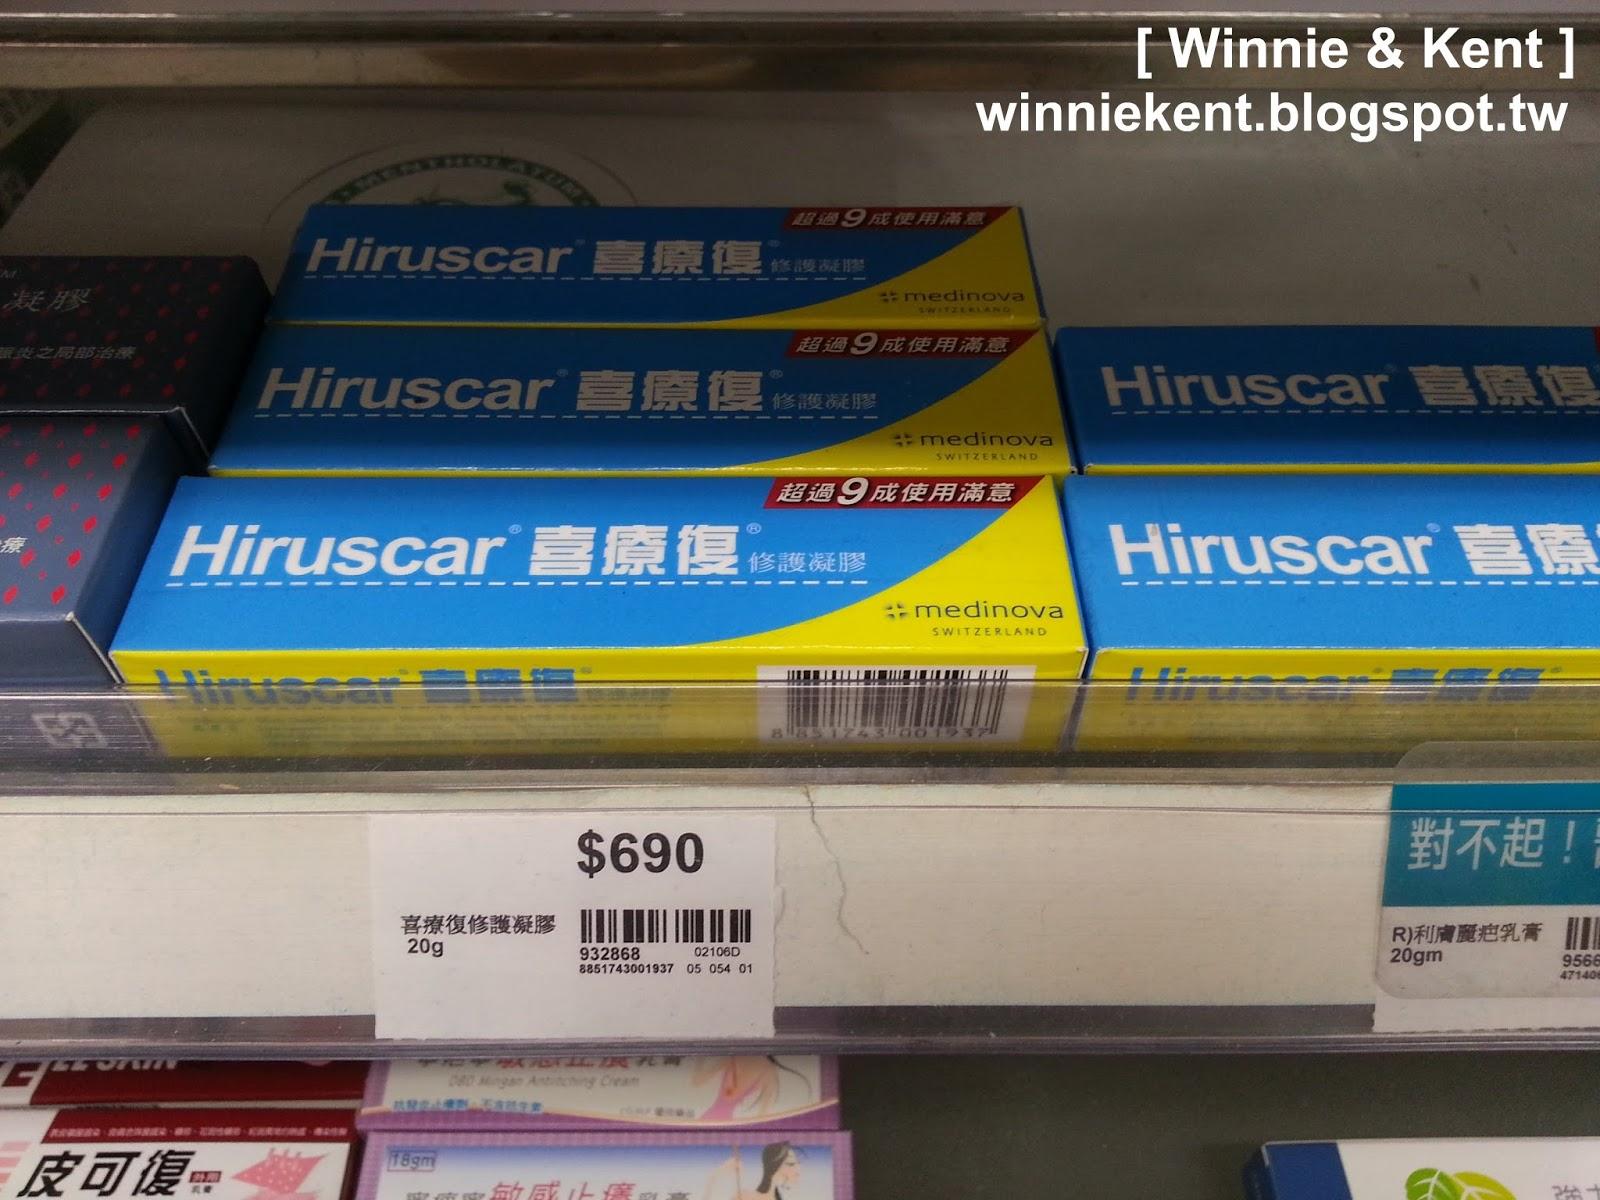 ☜ Winnie Kent ☞ 歡樂窩: 【W & K 愛漂亮】去疤好物偷偷用 - 《喜療復/喜能復修護凝膠》介紹文